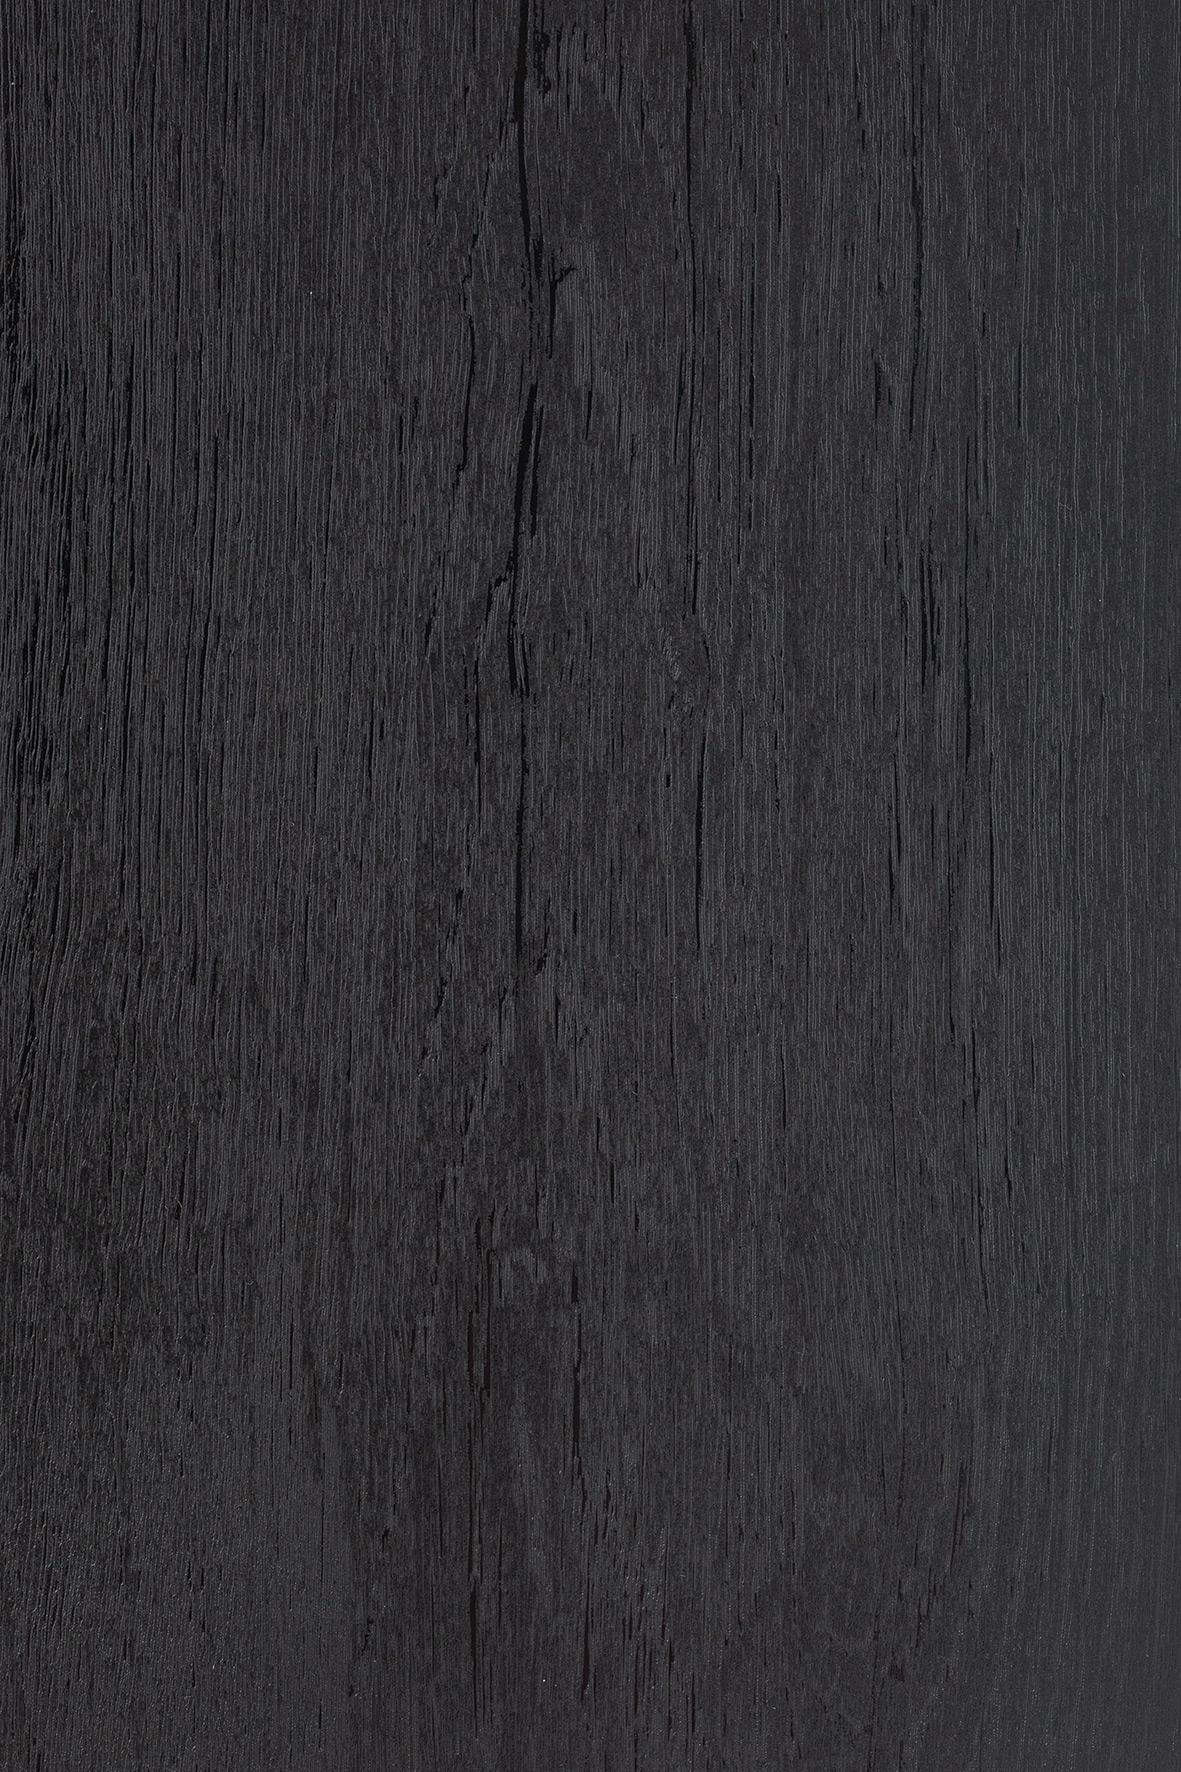 Melns ar koka struktūru (Piemaksa)